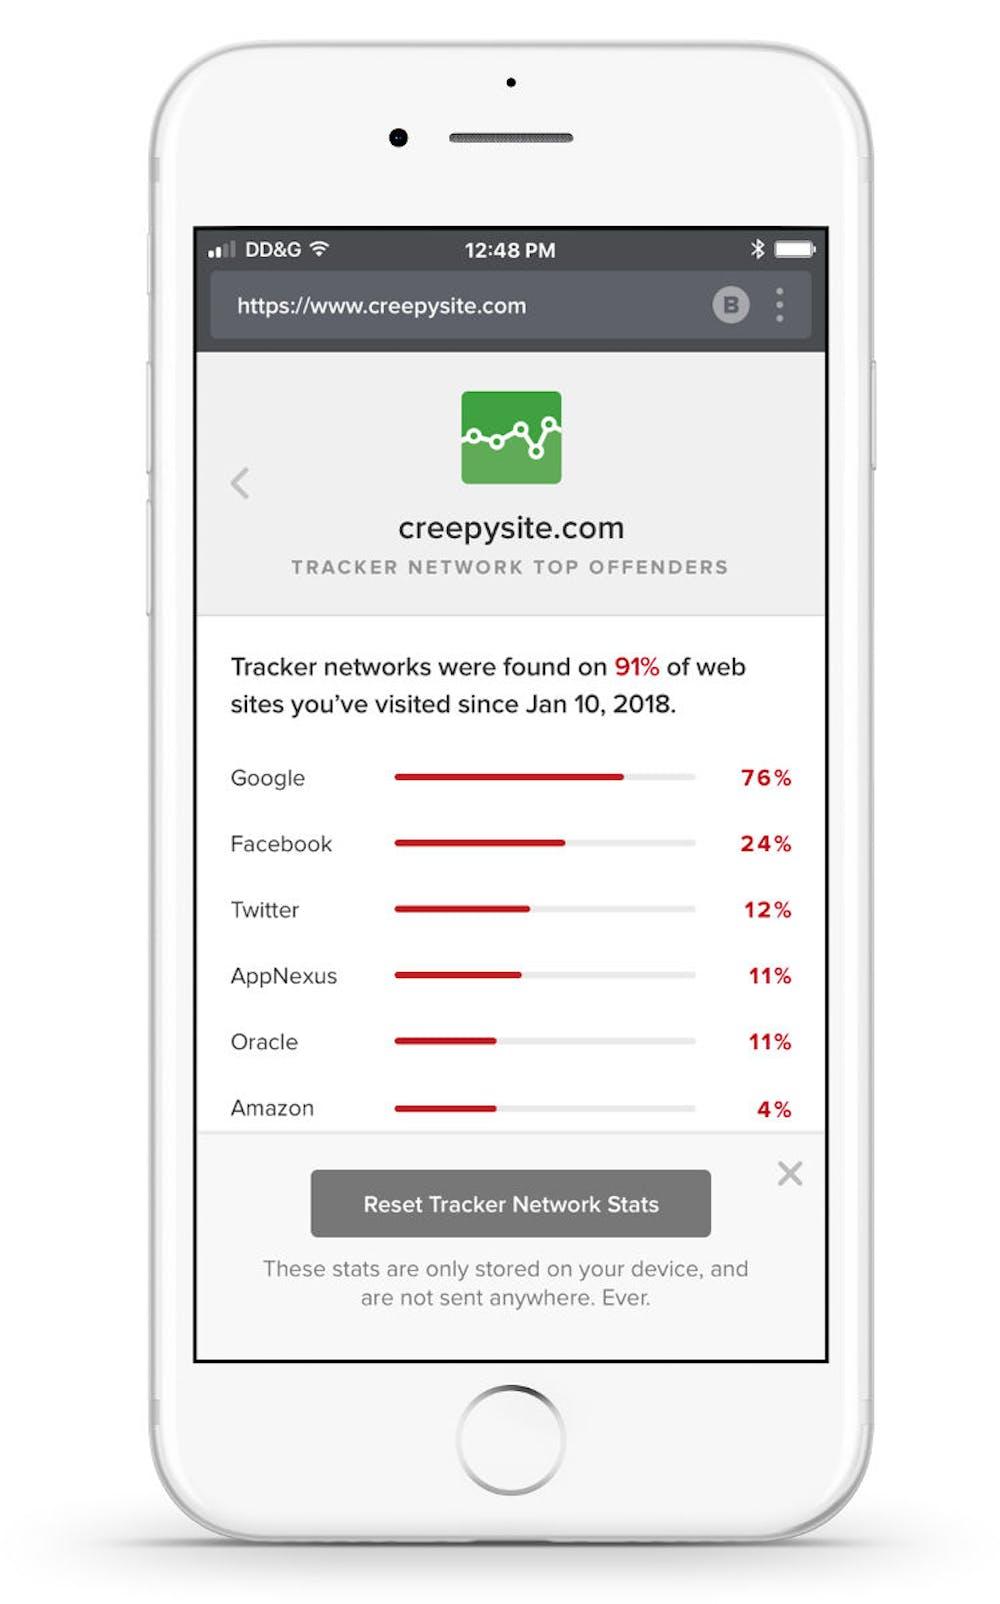 Die Statistik von Duckduckgo zeigt, welche Tracker am meisten auf den besuchten Websites vorhanden sind. (Bild: Duckduckgo)